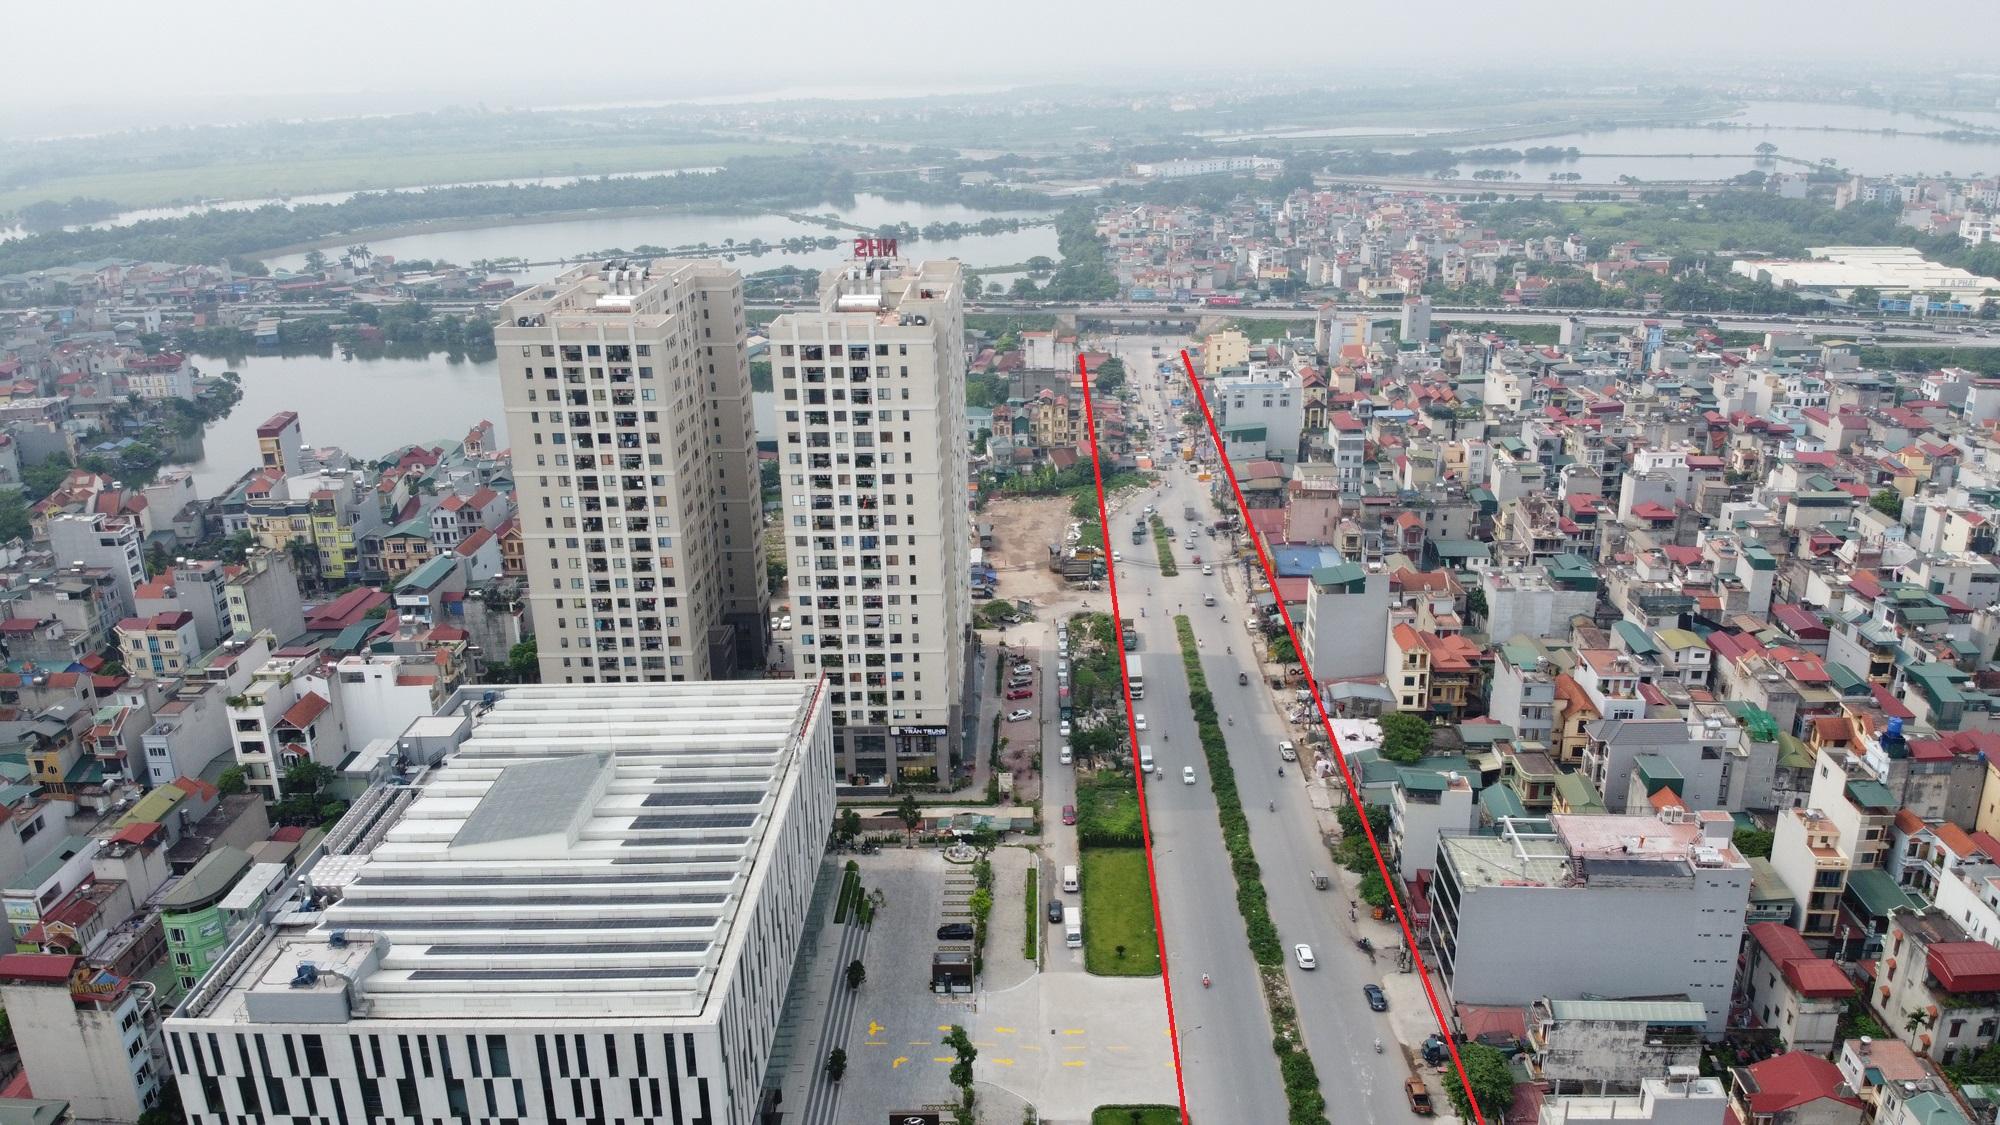 đường sẽ mở theo qui hoạch ở phường Yên Sở, Hoàng Mai, Hà Nội - Ảnh 3.